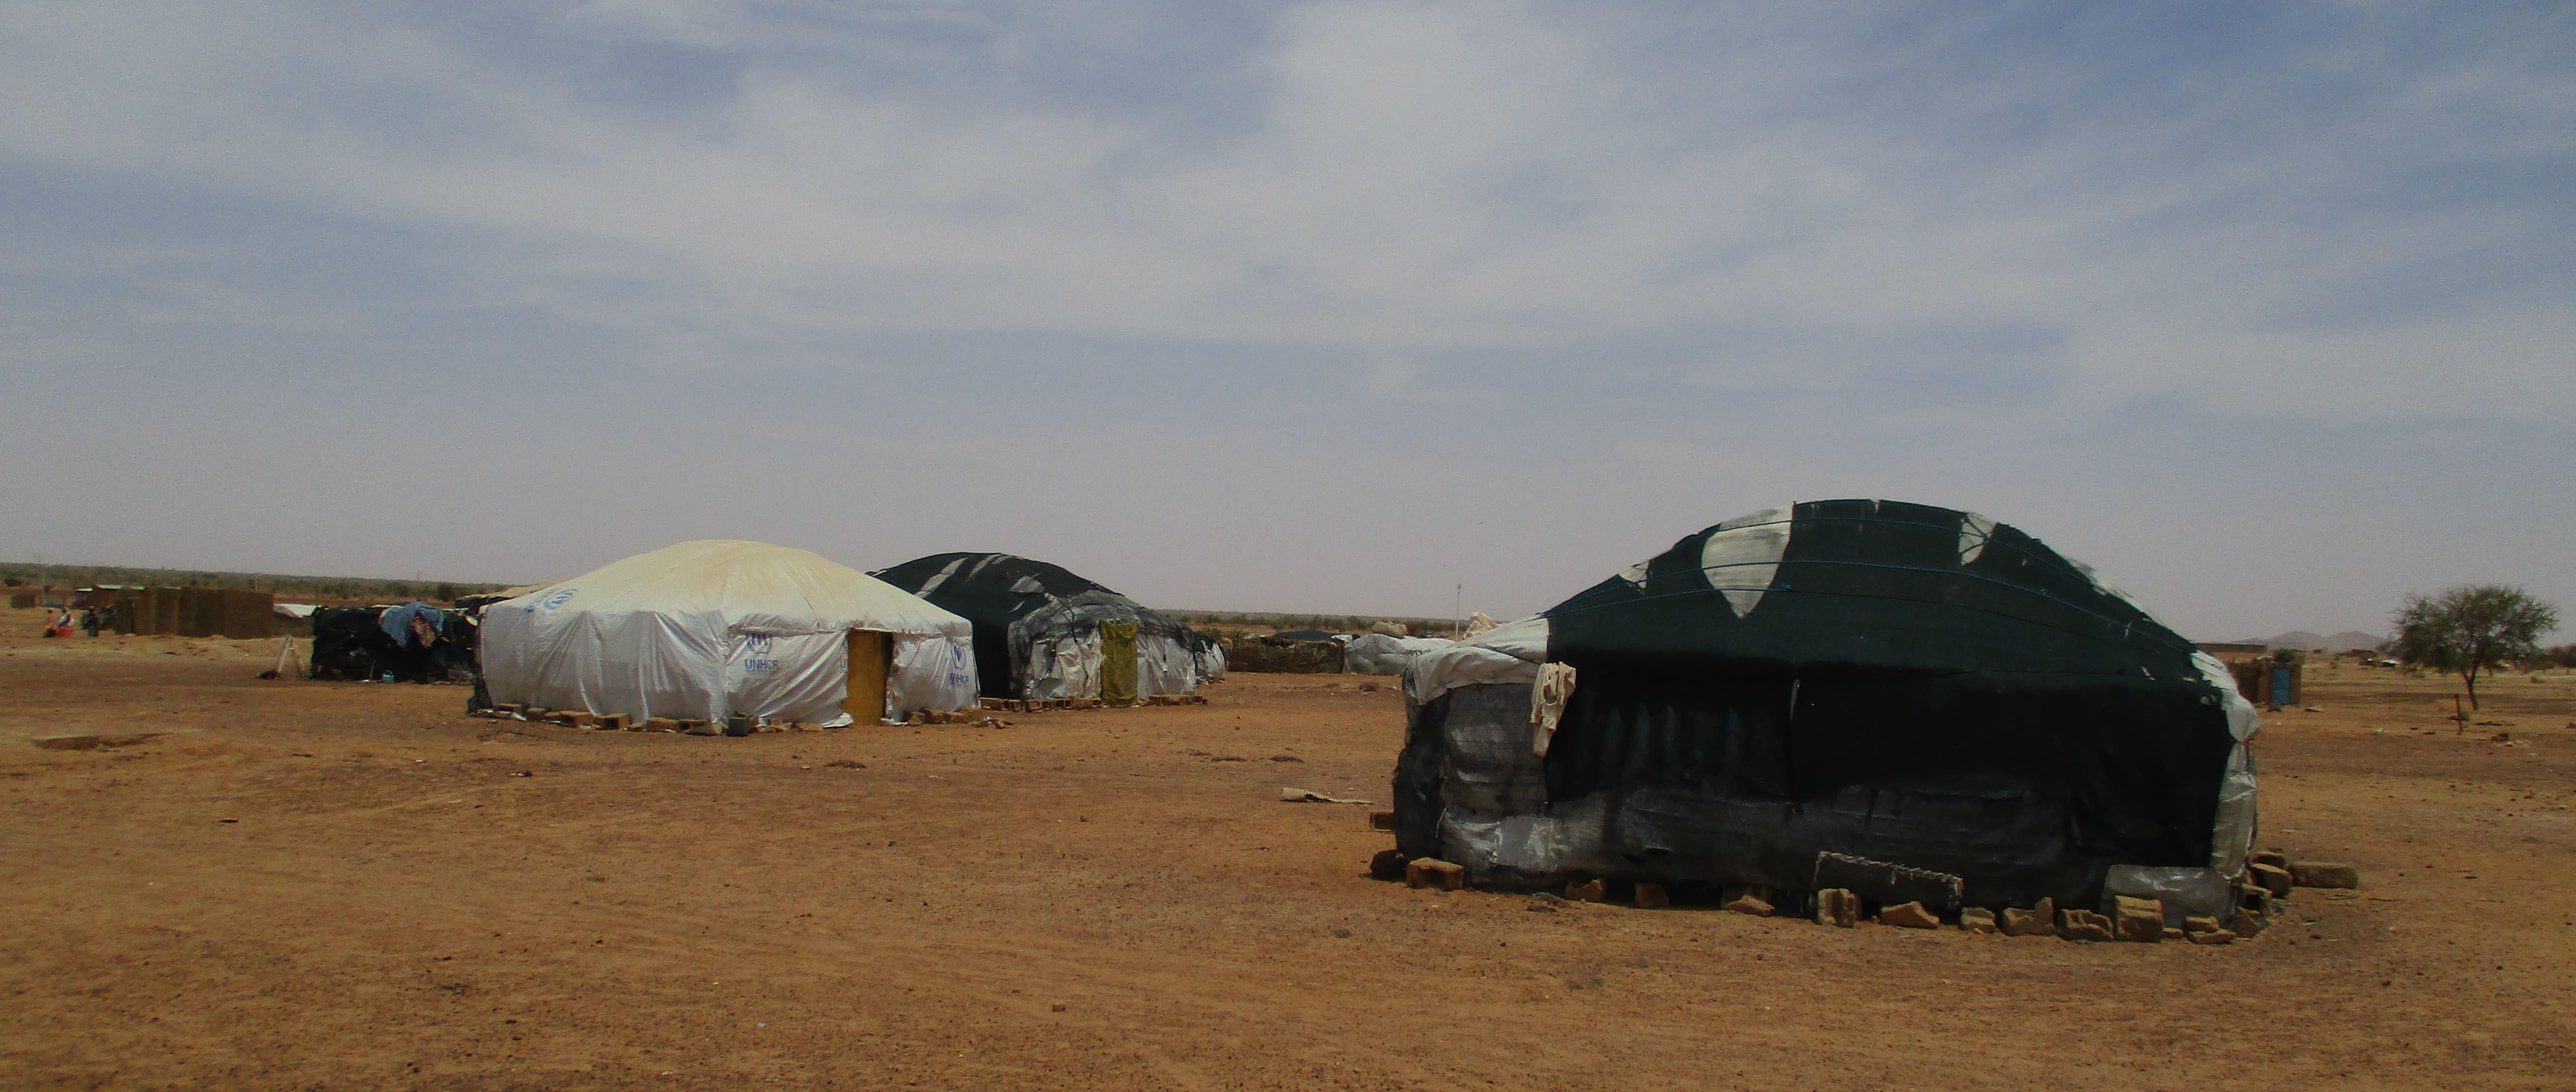 peuple du desert